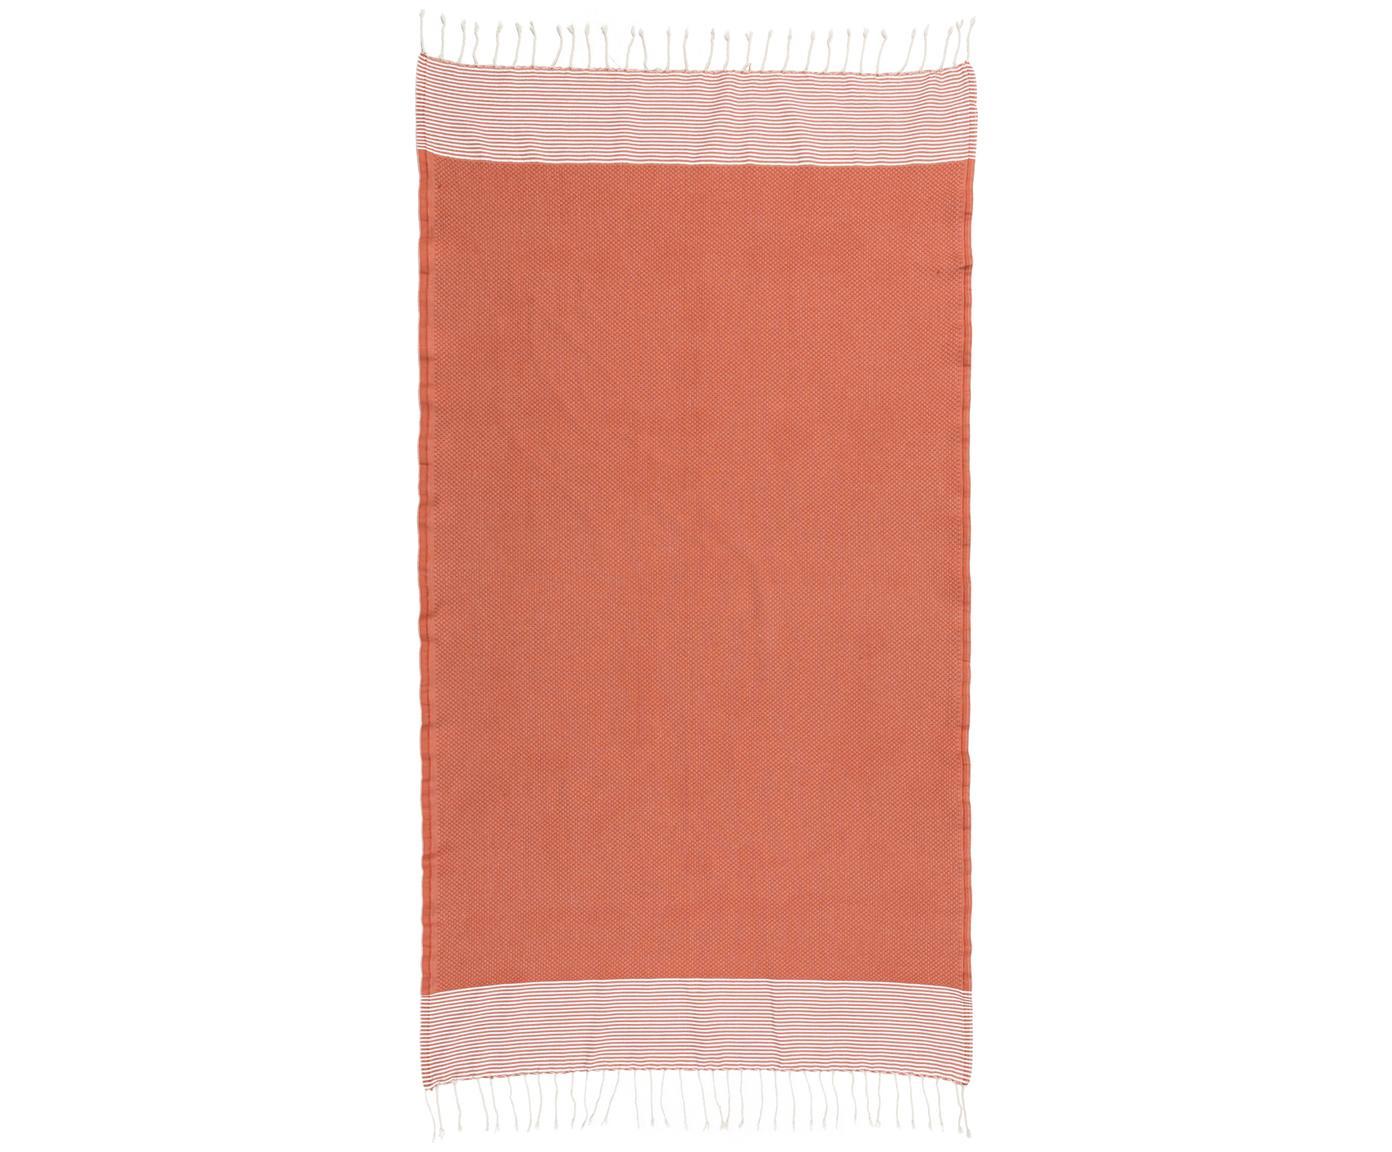 Hamamtuch Ibiza, 100% Baumwolle, sehr leichte Qualität, 200 g/m², Terrakotta, Weiß, 100 x 200 cm